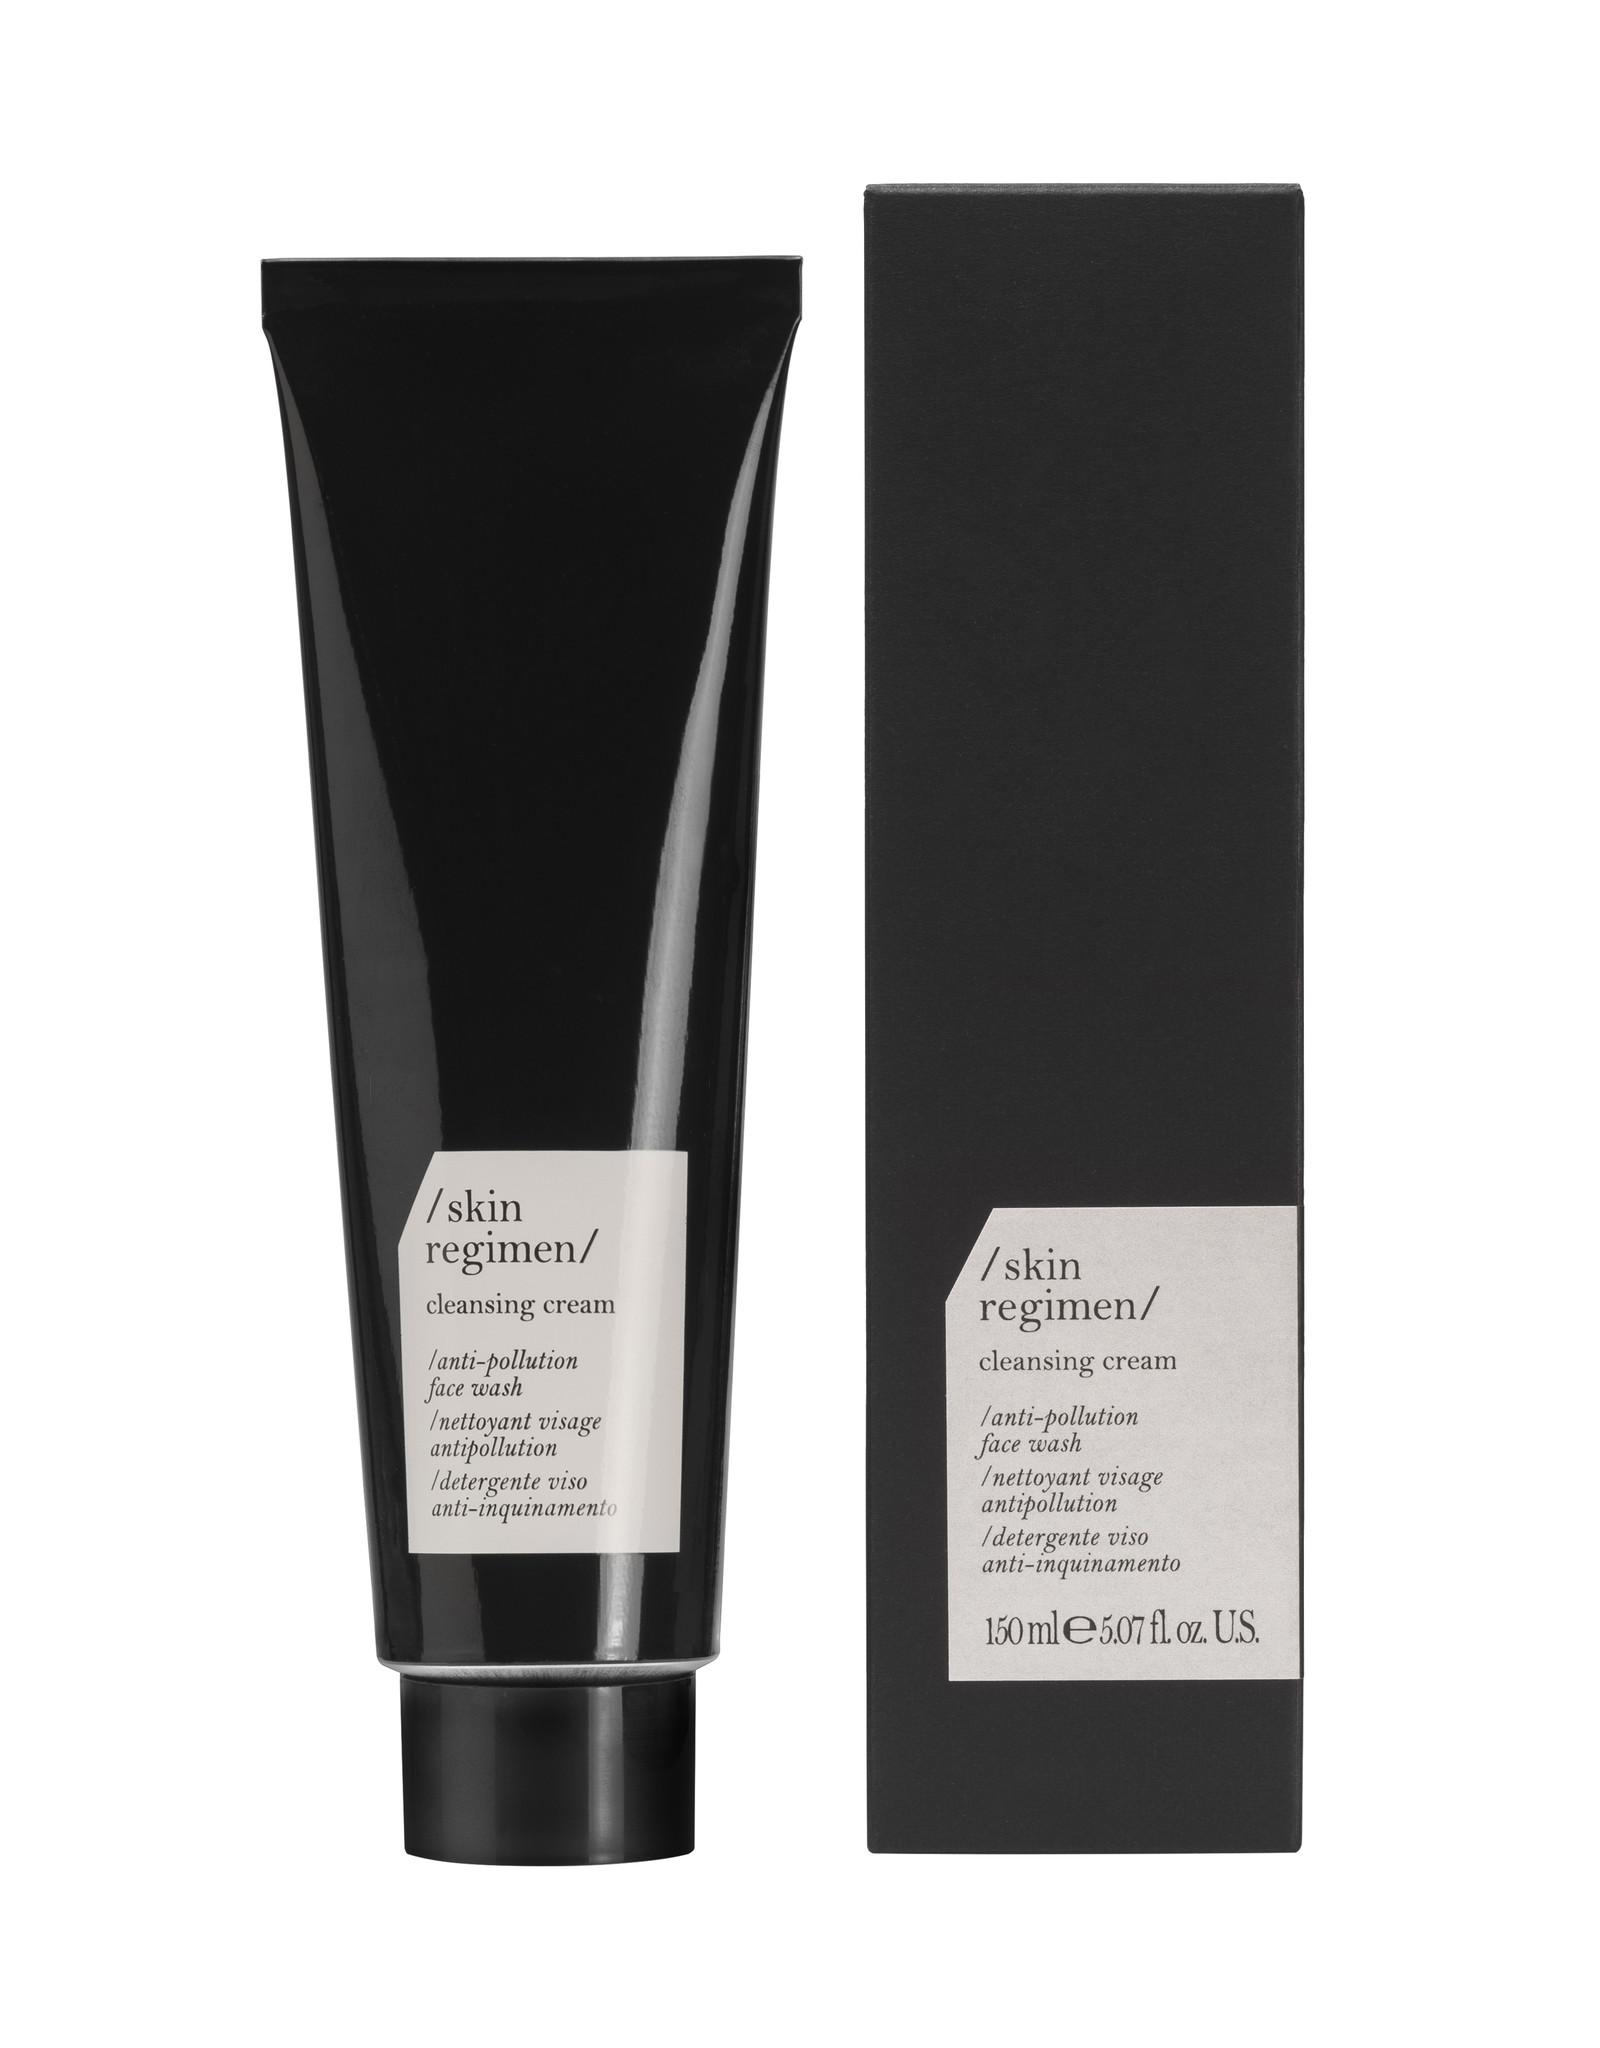 /Skin Regimen/ Cleansing Cream Tube 150 ml